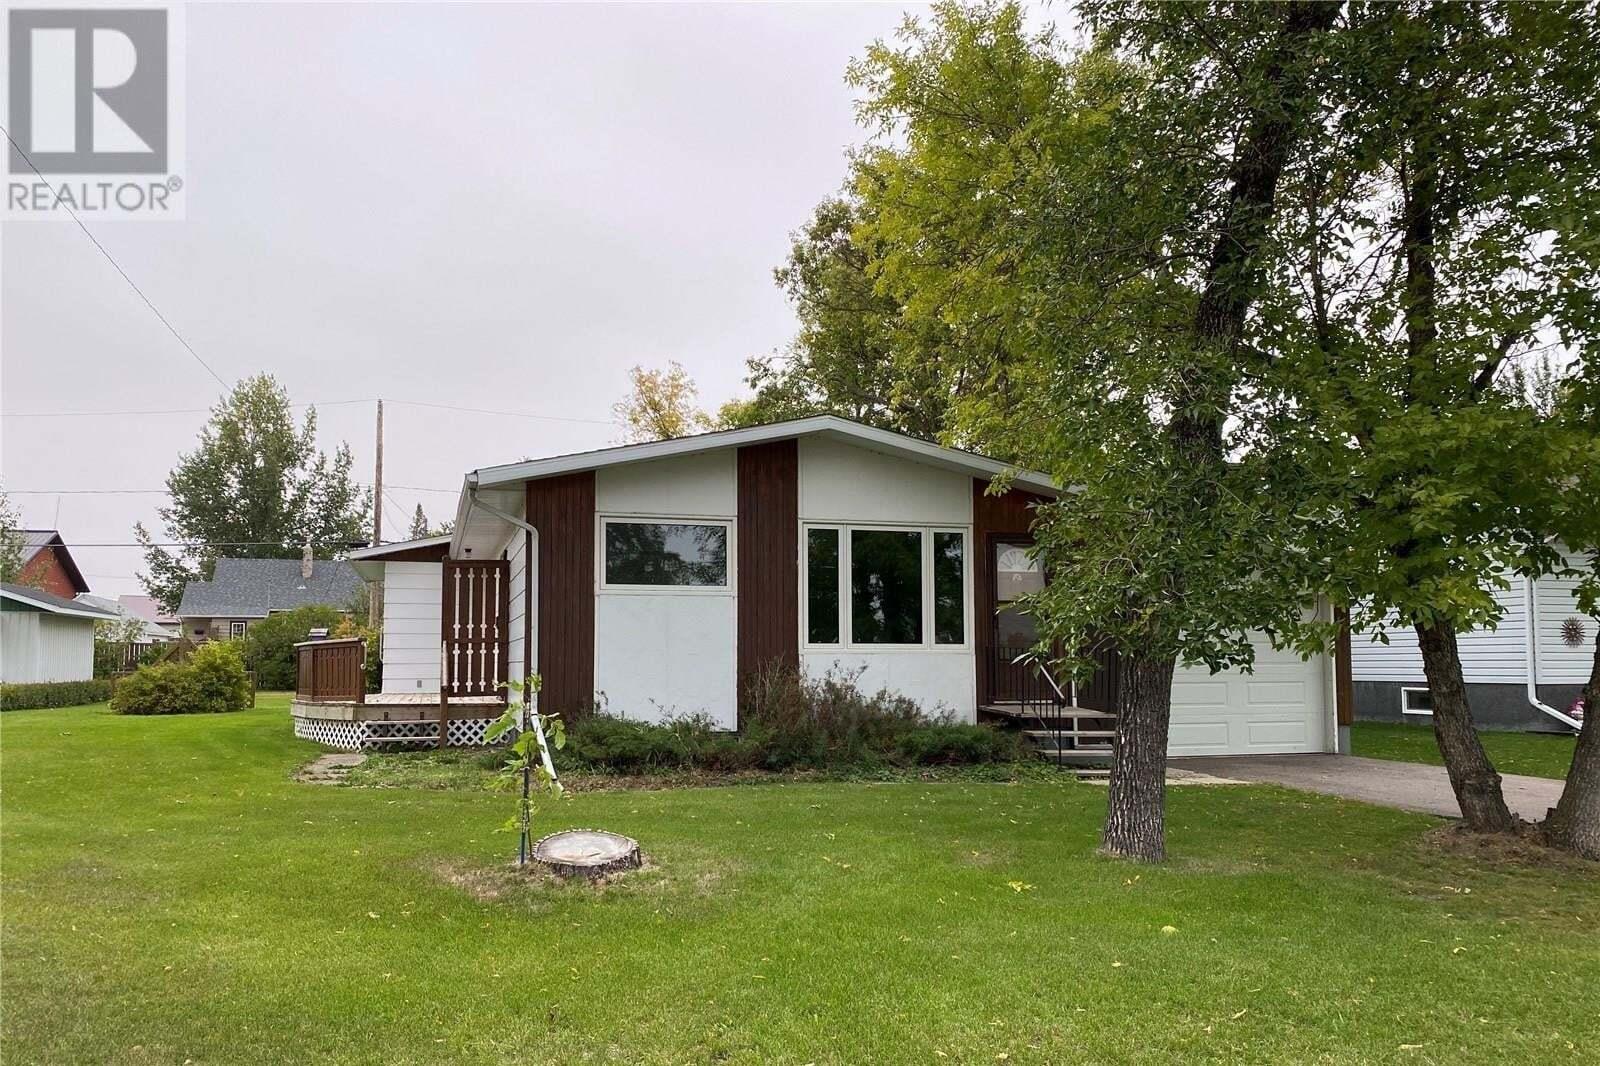 House for sale at 210 March Ave E Langenburg Saskatchewan - MLS: SK826832